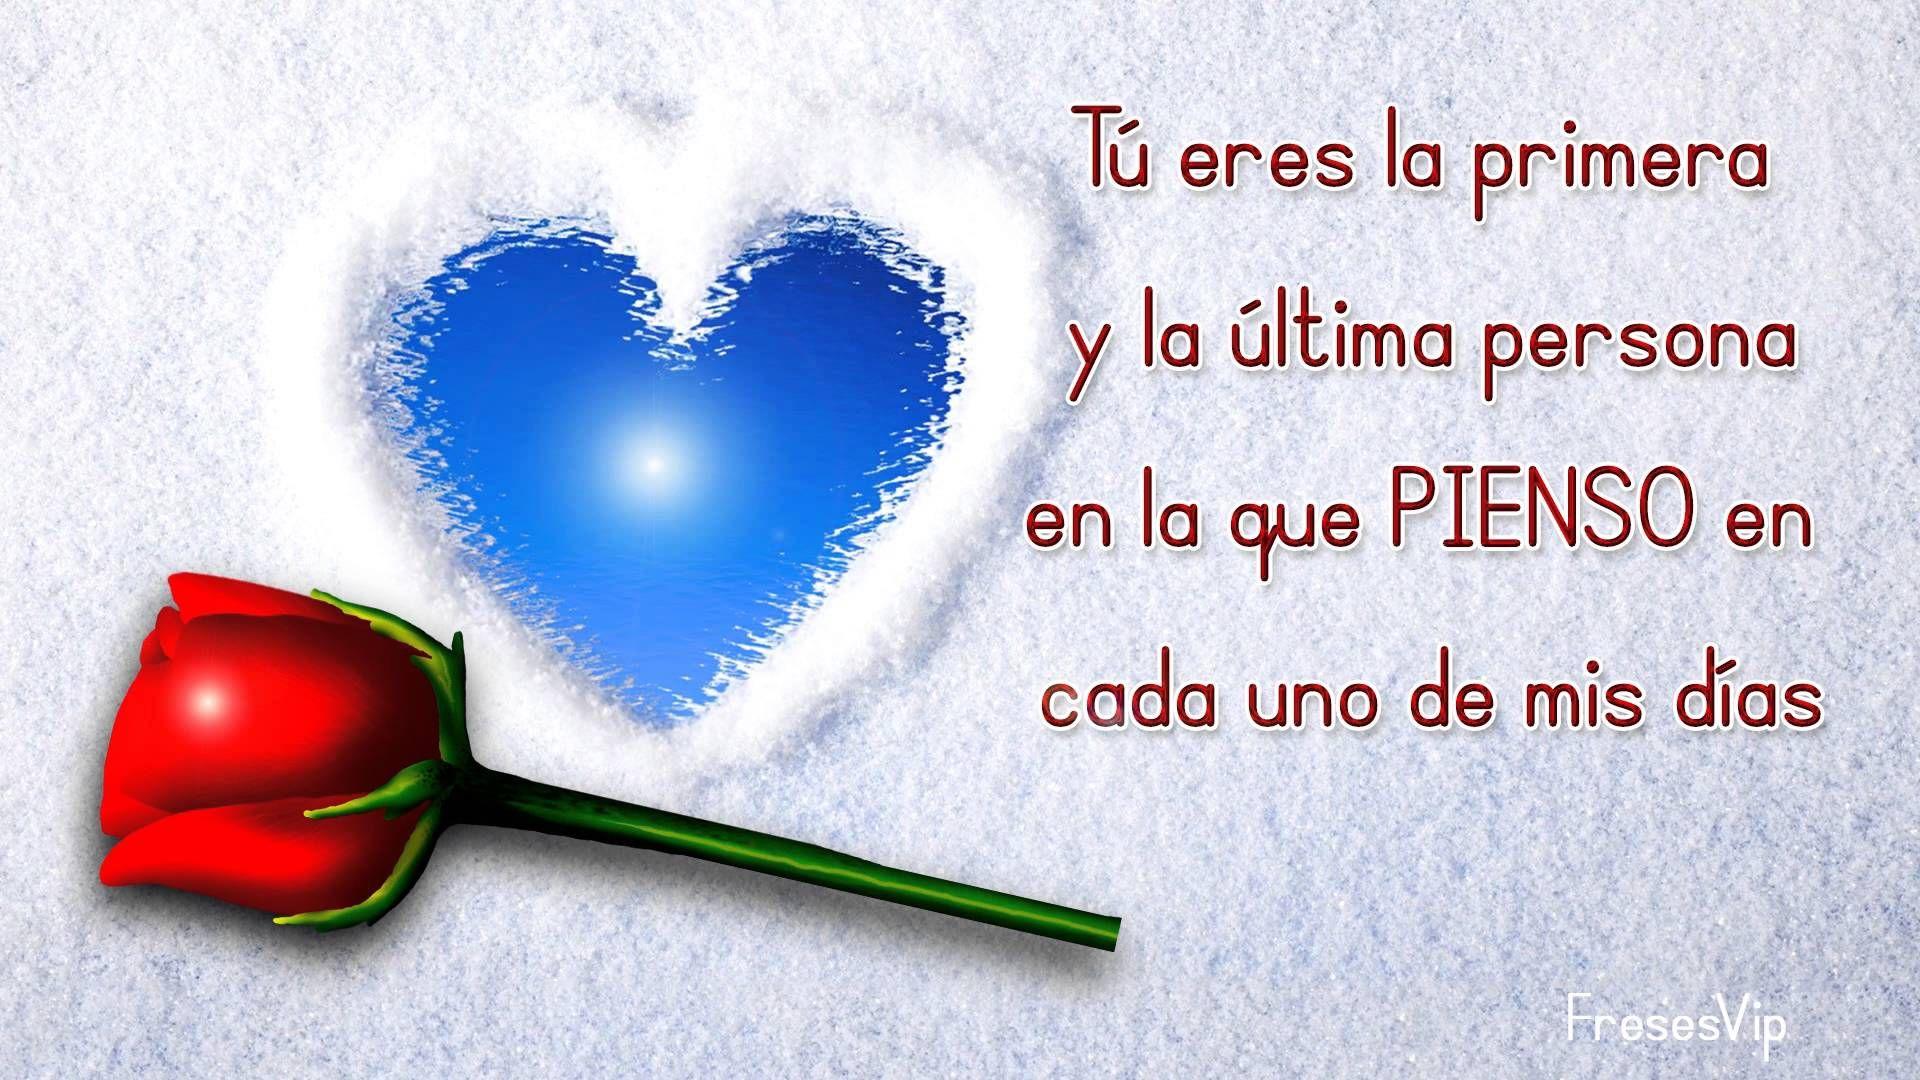 Frases De Amor Para San Valentin Con Imagenes Bonitas De Corazon Y